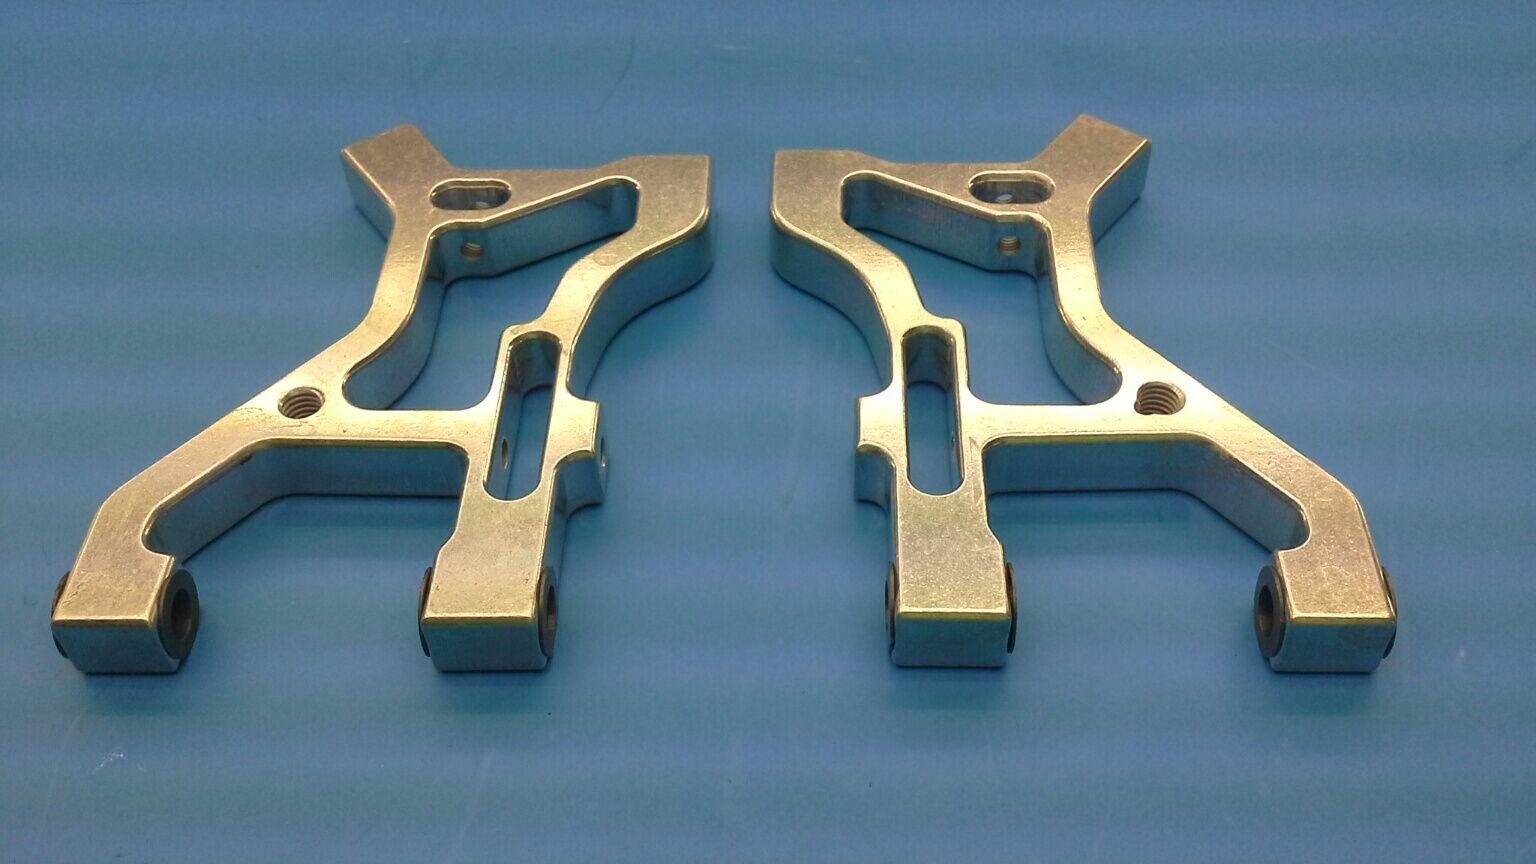 Original Lauterbacher aluminio-Querlenker para Carson Attack atrás abajo VPE, 2